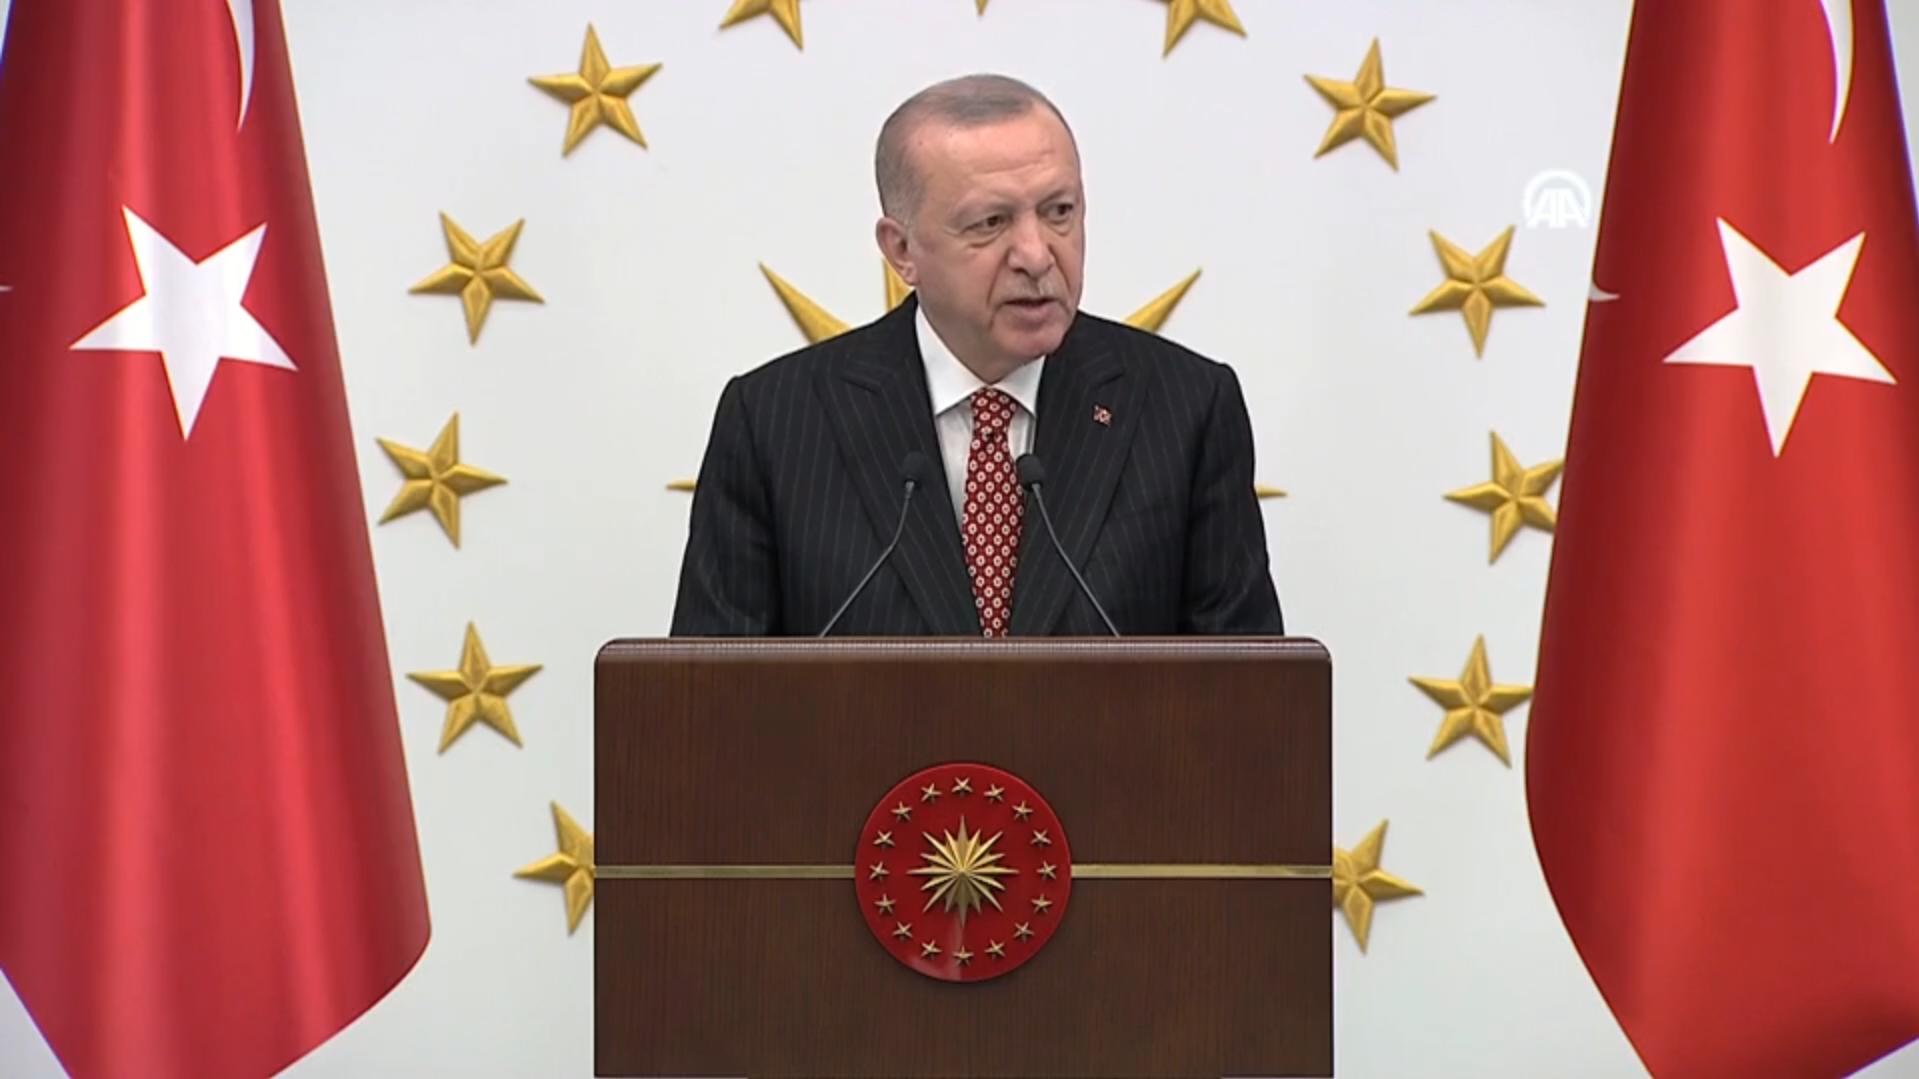 Önemli açıklamalar! Cumhurbaşkanı Erdoğan belediye başkanlarına hitap etti